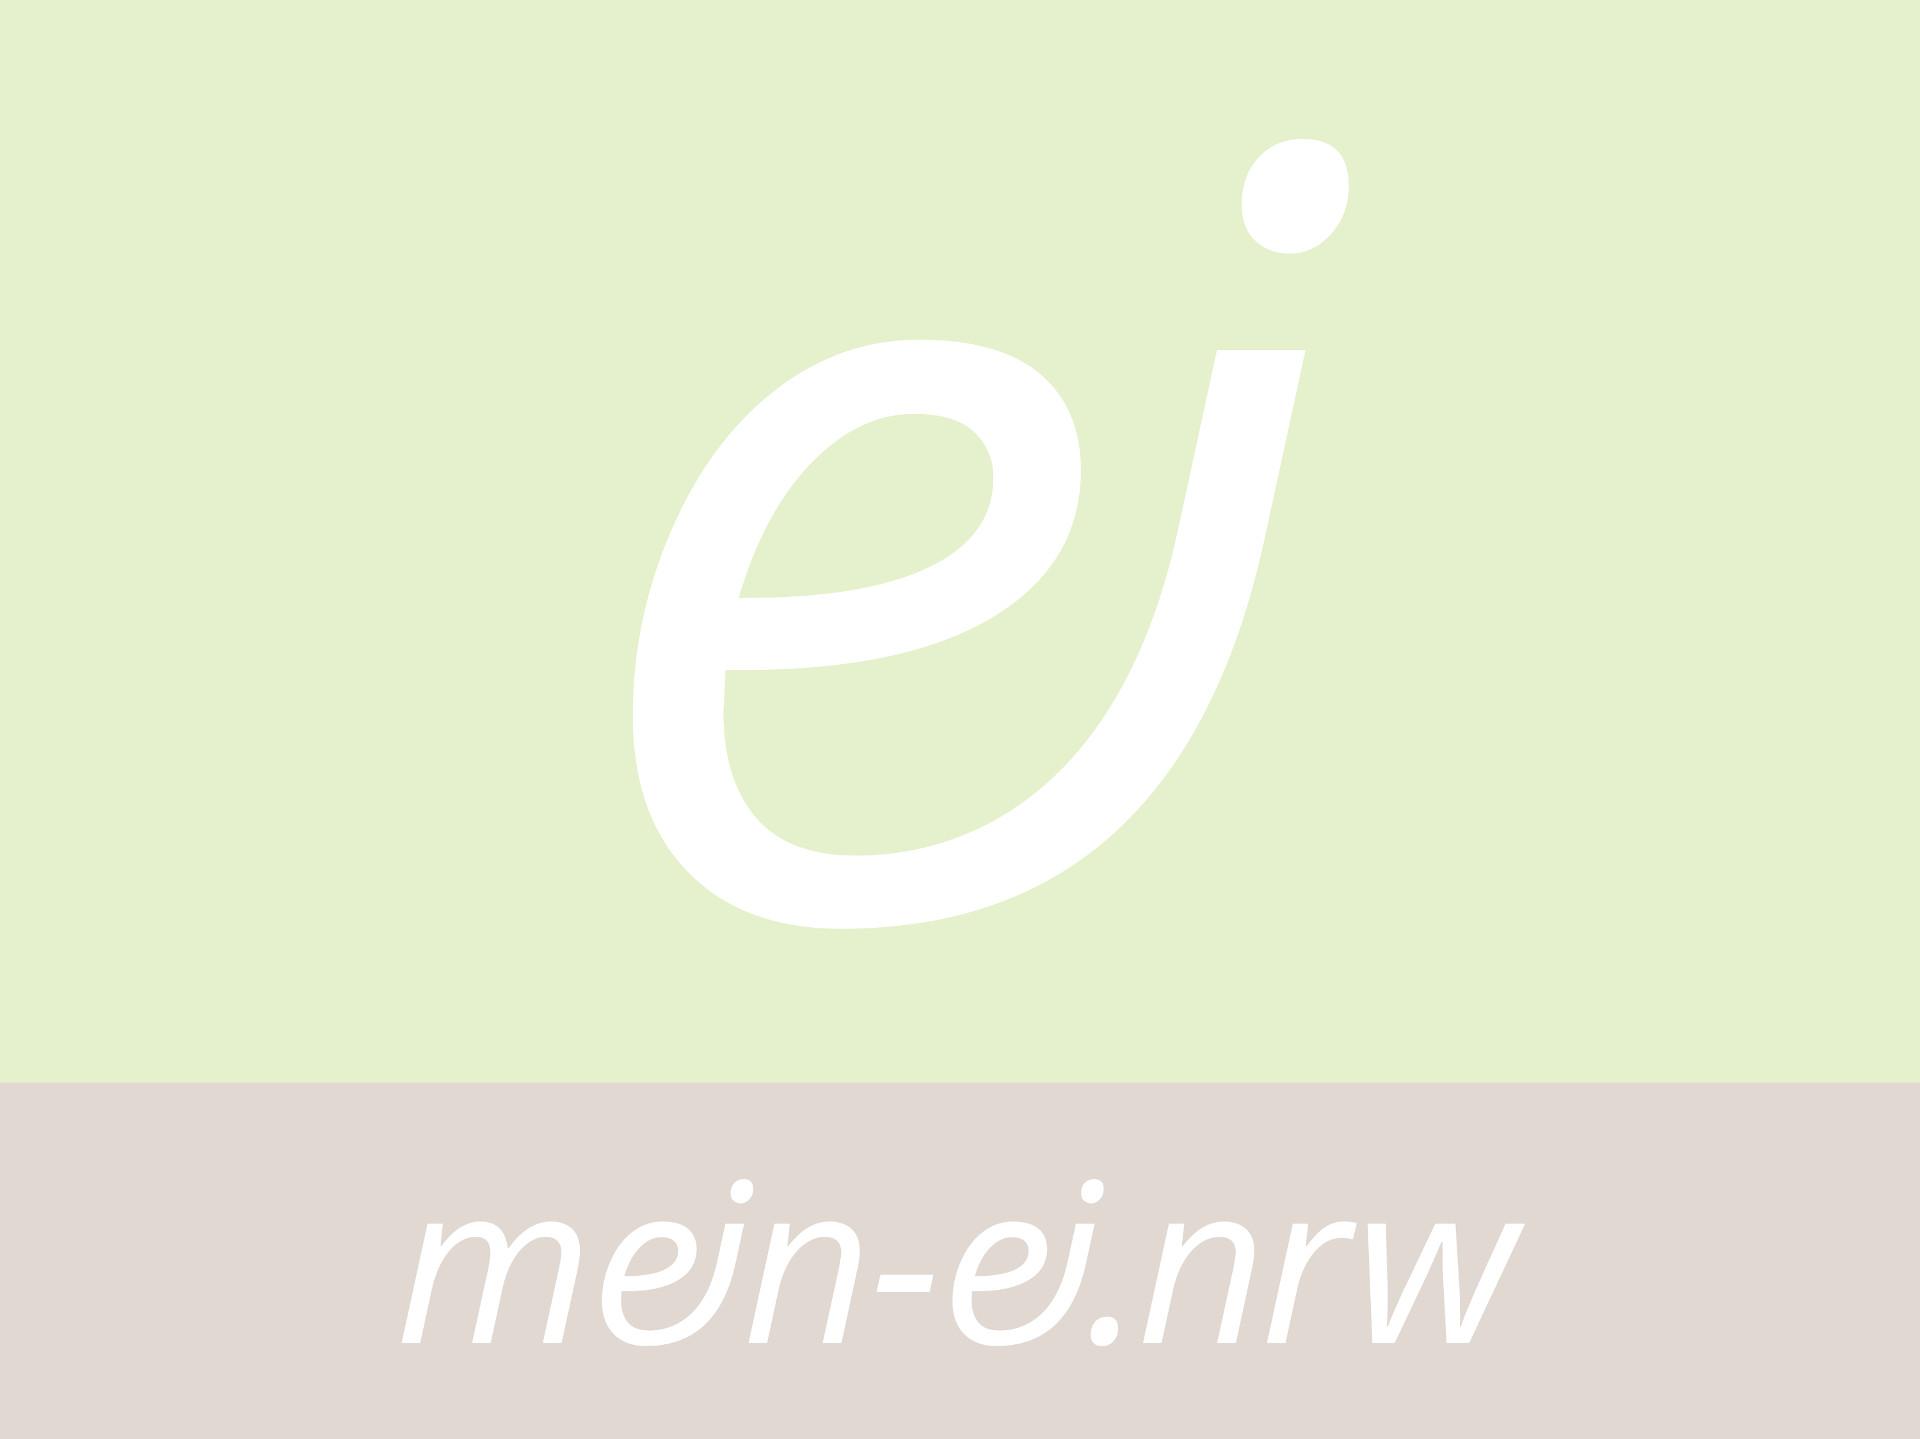 Logohintergrund mein-ei.nrw